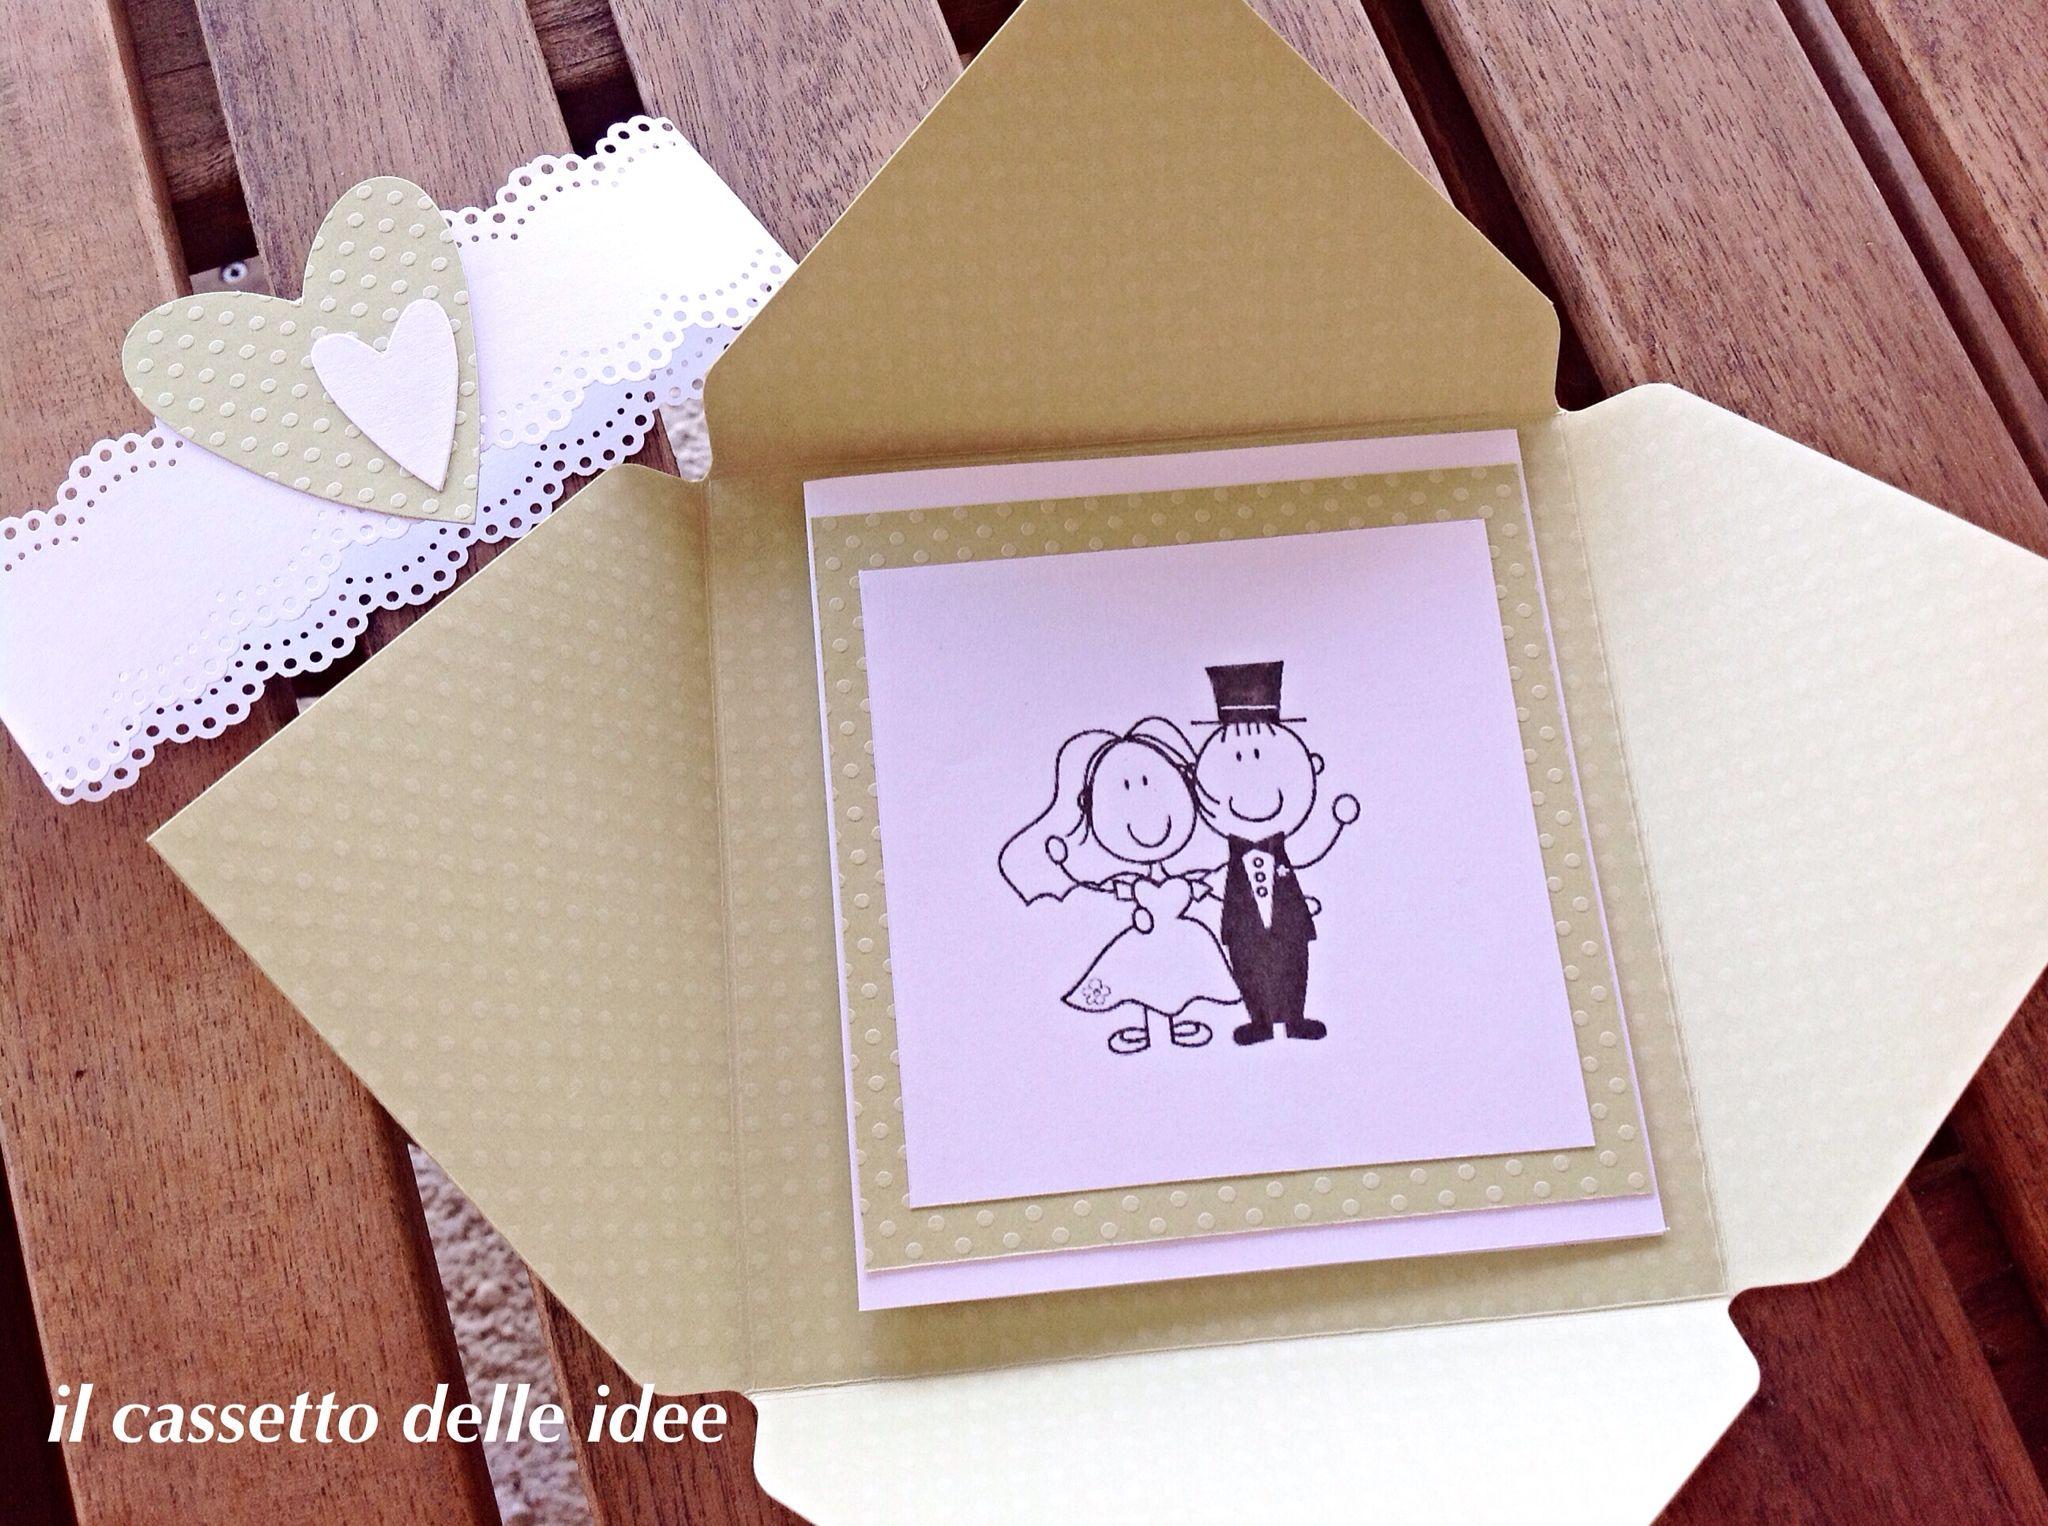 Amato interno biglietto portasoldi | idee fai da te | Pinterest  LG17